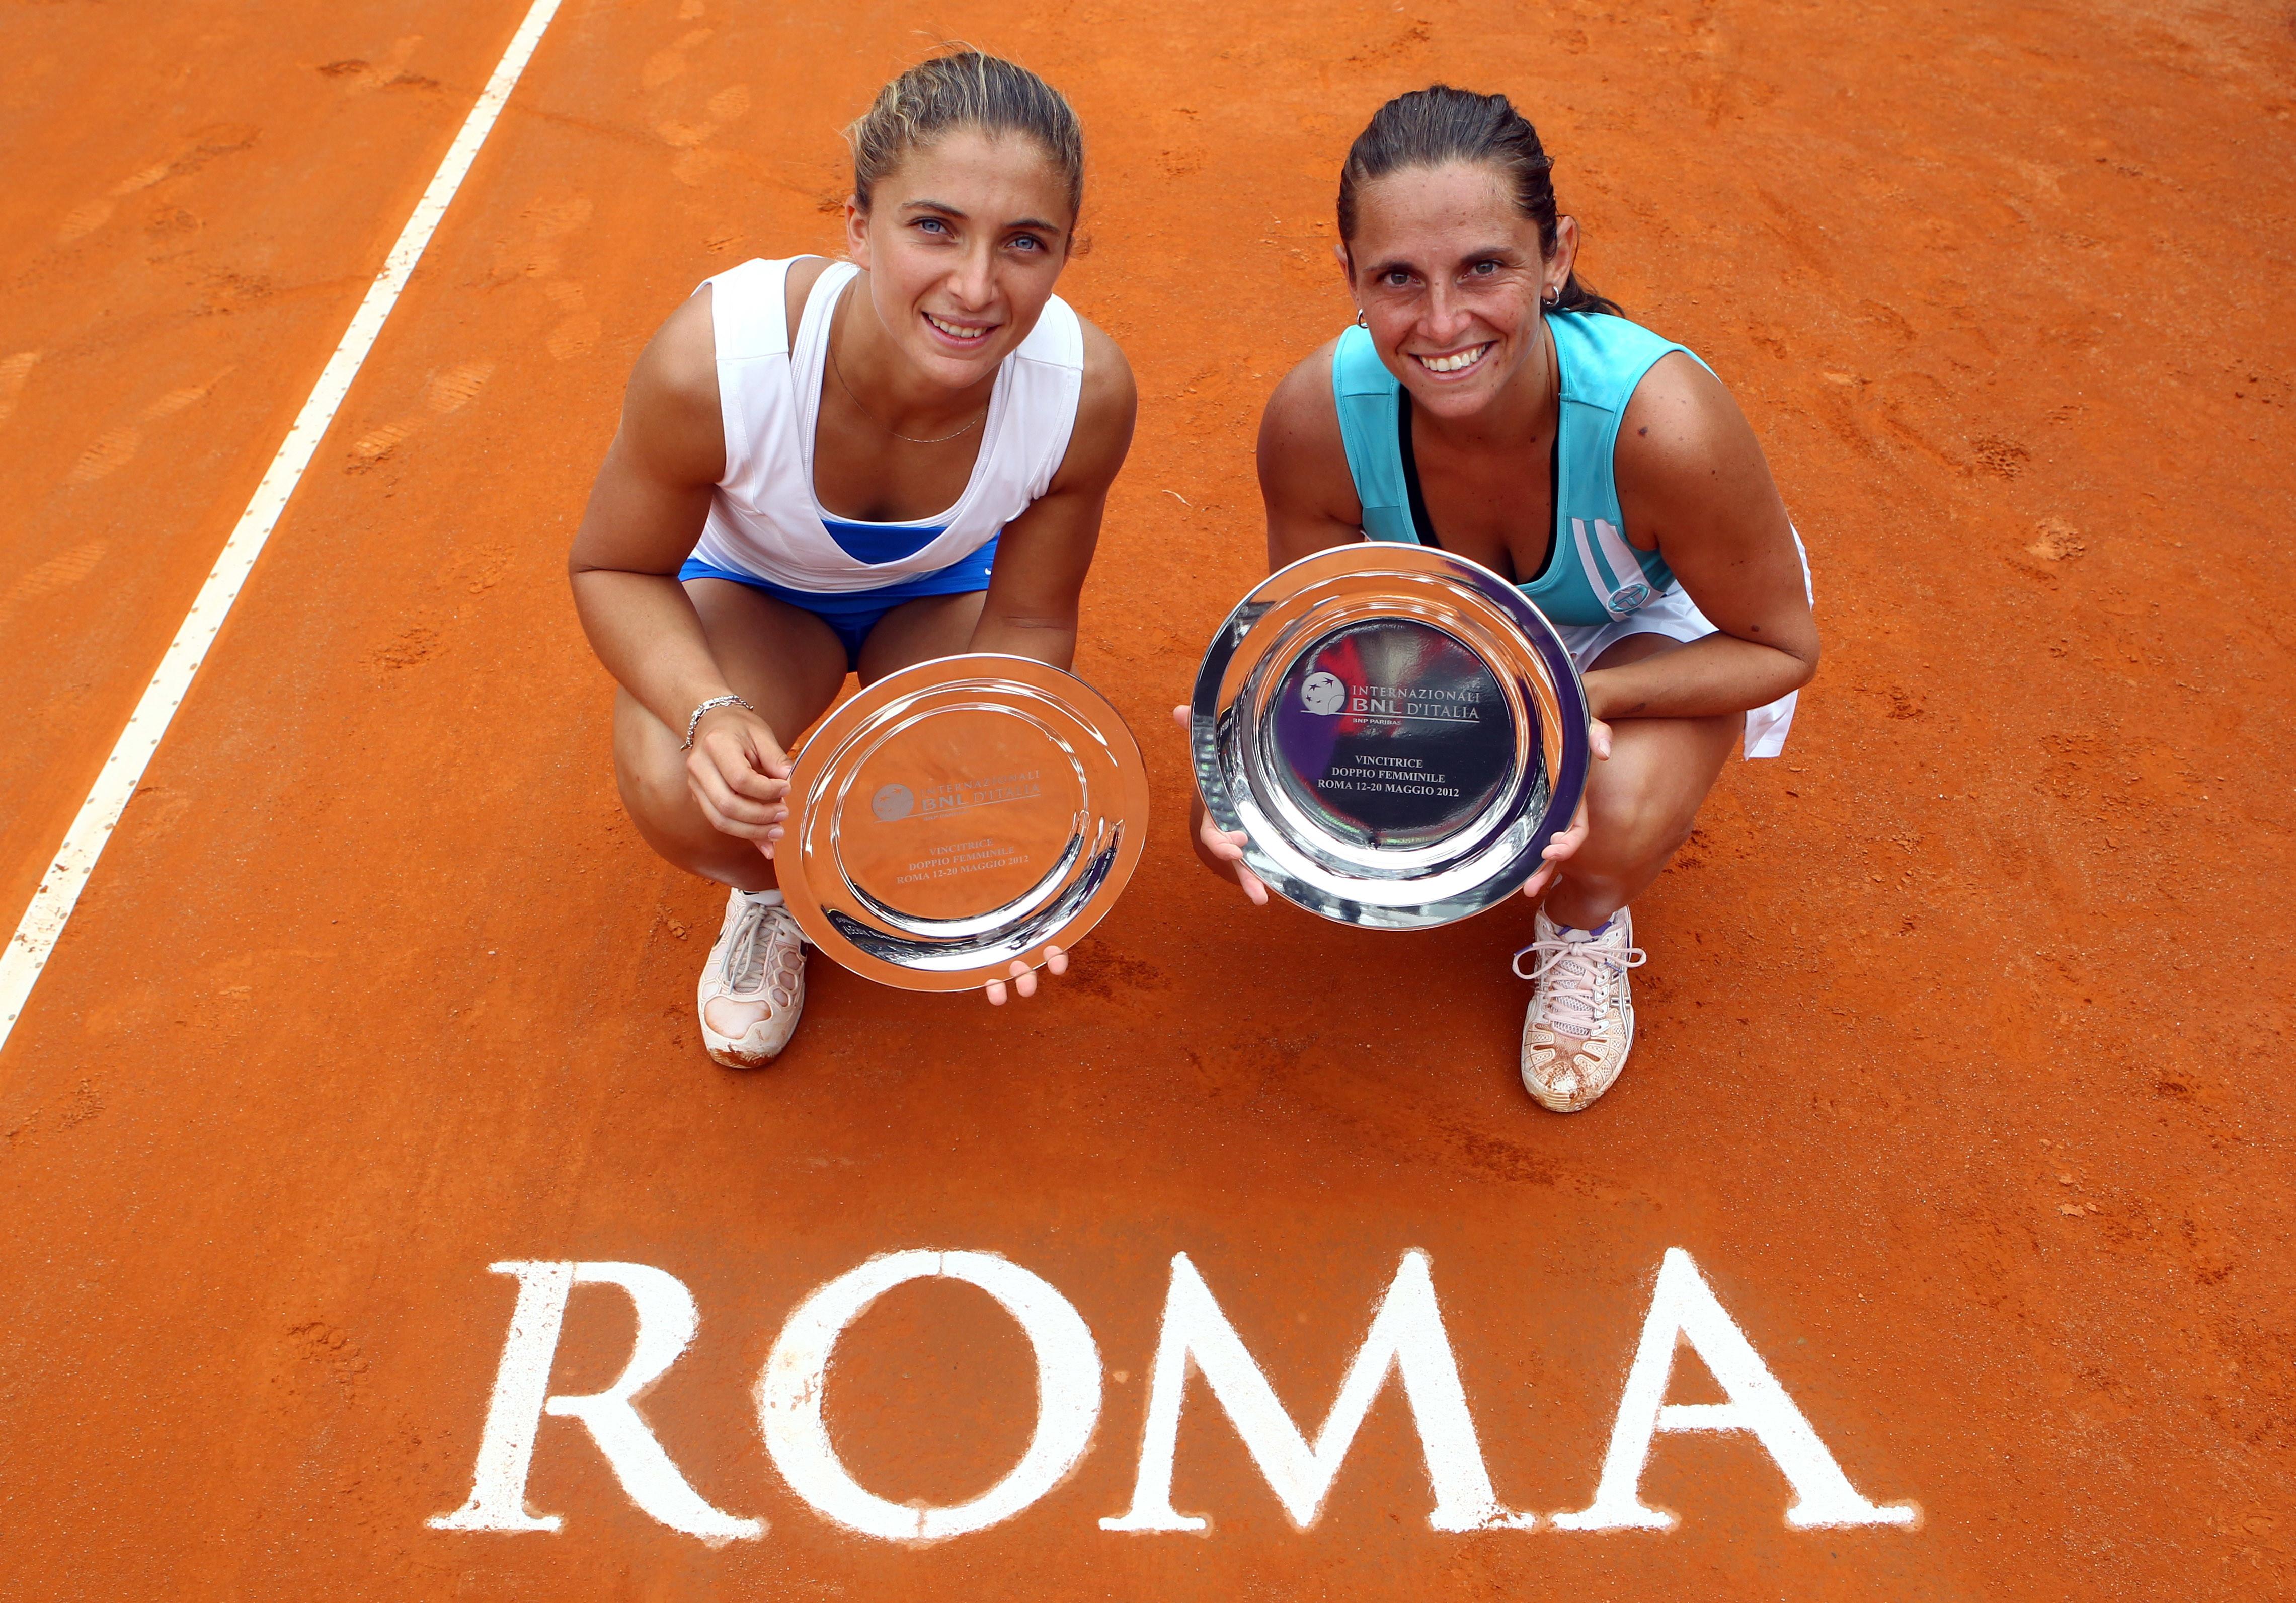 Nel 2012 anche un successo azzurro: Sara Errani e Roberta Vinci hanno conquistato il titolo di doppio.